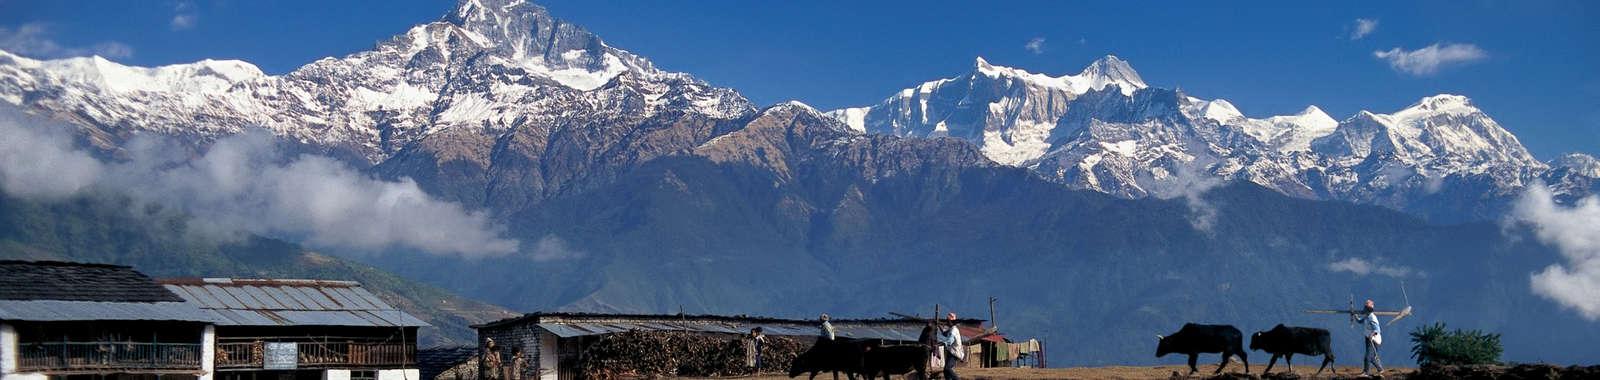 Copy_dreamstime_xxl_47248820_Dhampus_Mt.MachhapuchhreAnnapurnaRangeasseenfromDhampus,Nepal